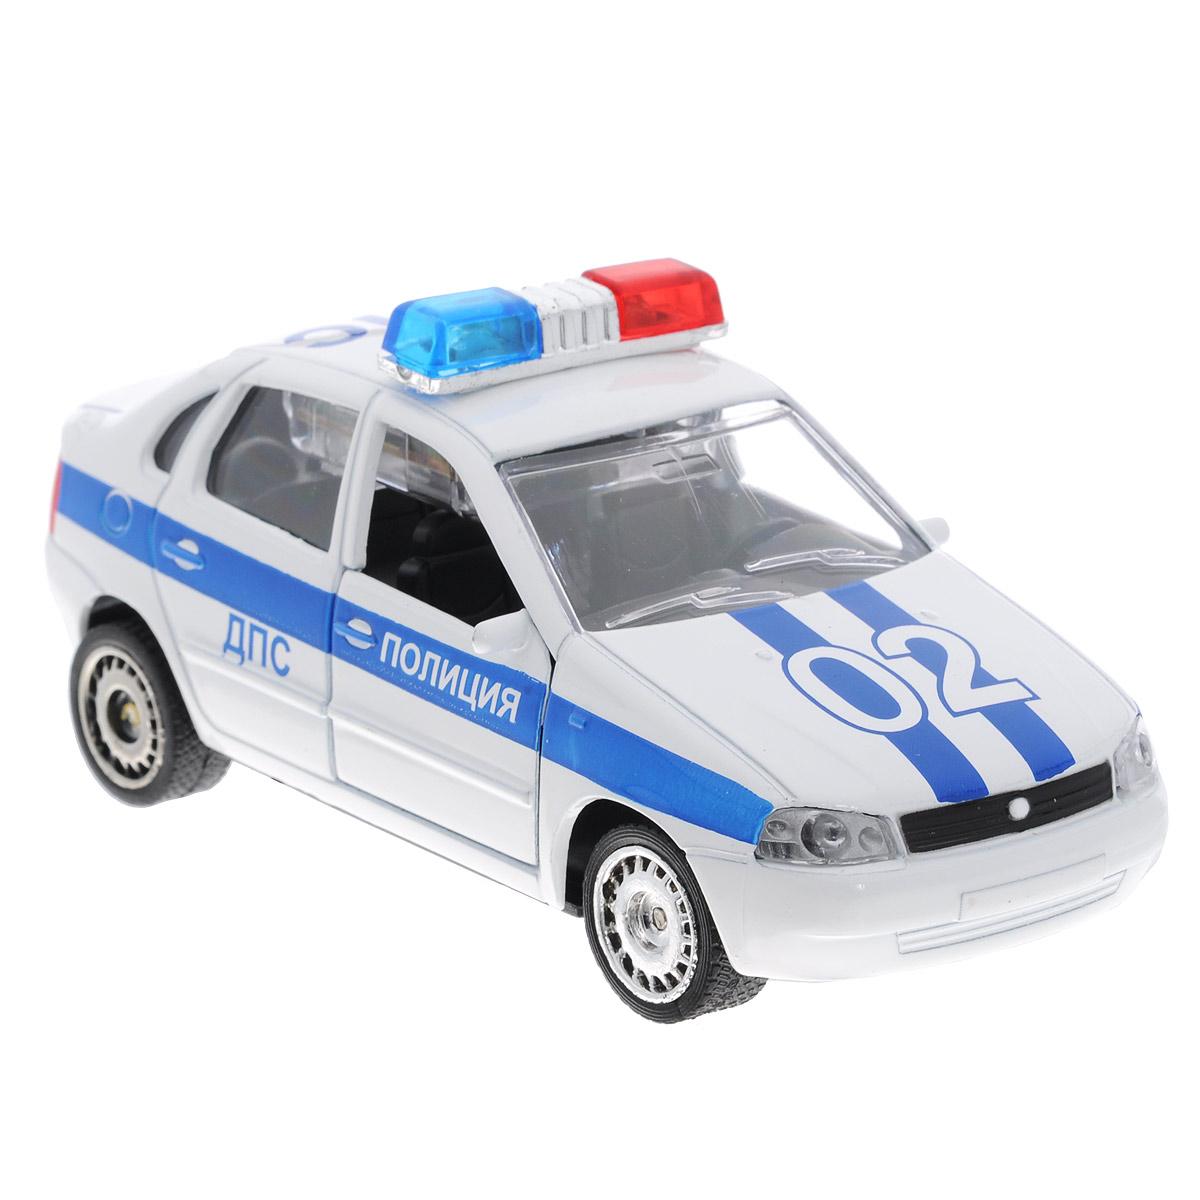 ТехноПарк Машинка инерционная Лада Калина Полиция ДПСCT1049WB-PИнерционная машинка ТехноПарк Лада Калина: ДПС, выполненная из пластика и металла, станет любимой игрушкой вашего малыша. Игрушка представляет собой модель полицейского автомобиля марки Лада Калина. Дверцы кабины открываются. При нажатии на кнопку на крыше модели замигают проблесковые маячки и прозвучат звуки сирены и команды полицейского. Игрушка оснащена инерционным ходом. Машинку необходимо отвести назад, затем отпустить - и она быстро поедет вперед. Прорезиненные колеса обеспечивают надежное сцепление с любой гладкой поверхностью. Ваш ребенок будет часами играть с этой машинкой, придумывая различные истории. Порадуйте его таким замечательным подарком! Машинка работает от батареек (товар комплектуется демонстрационными).